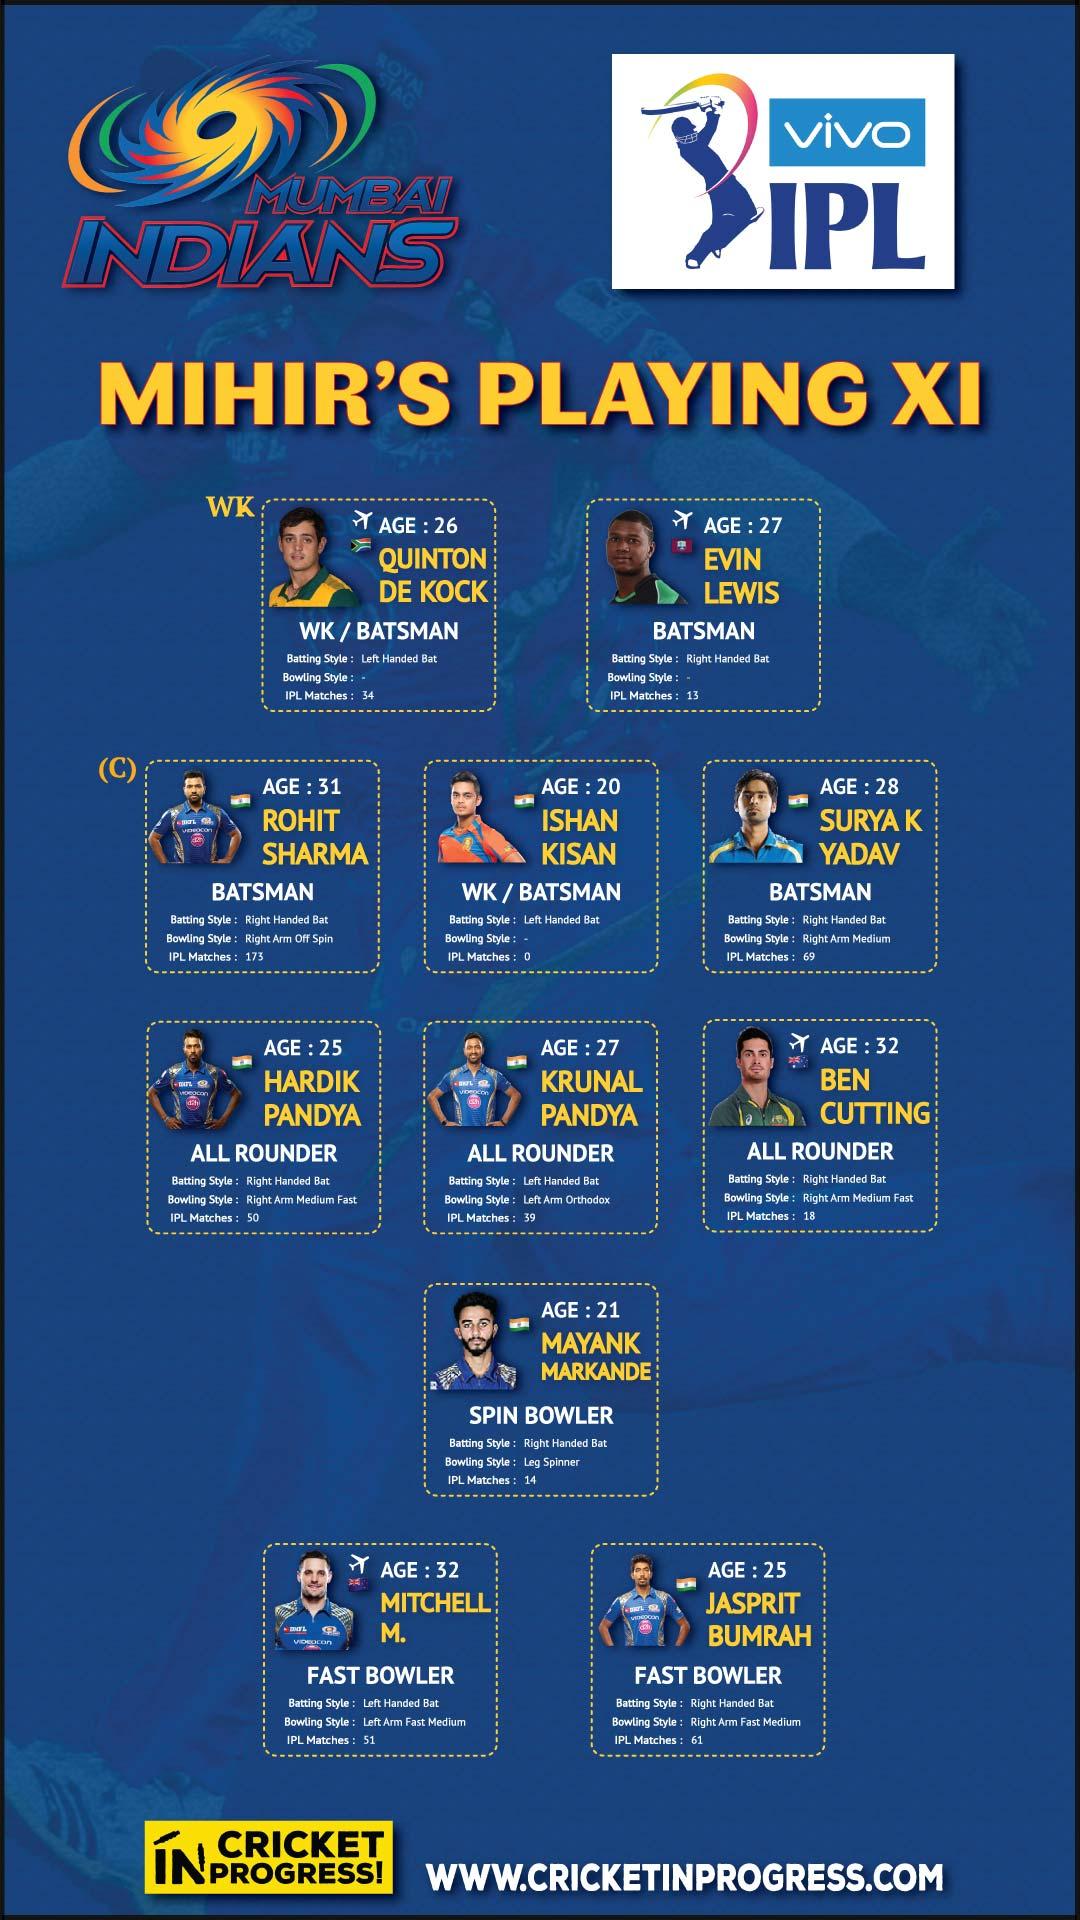 IPL 2019 MI Mihir Playing XI